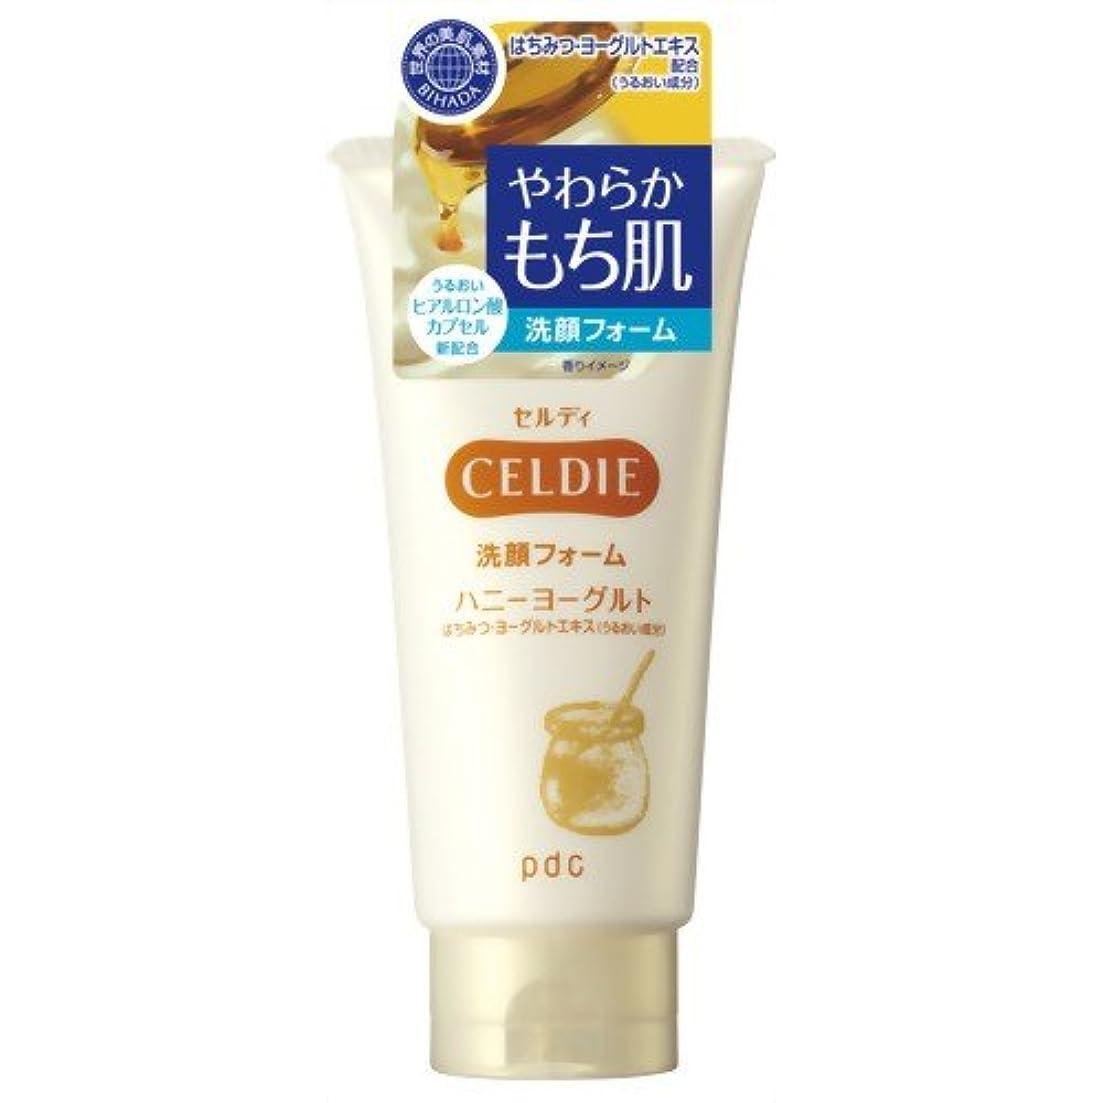 関連付けるきらめきスプリットセルディ 美肌洗顔 ハニーヨーグルト 120g